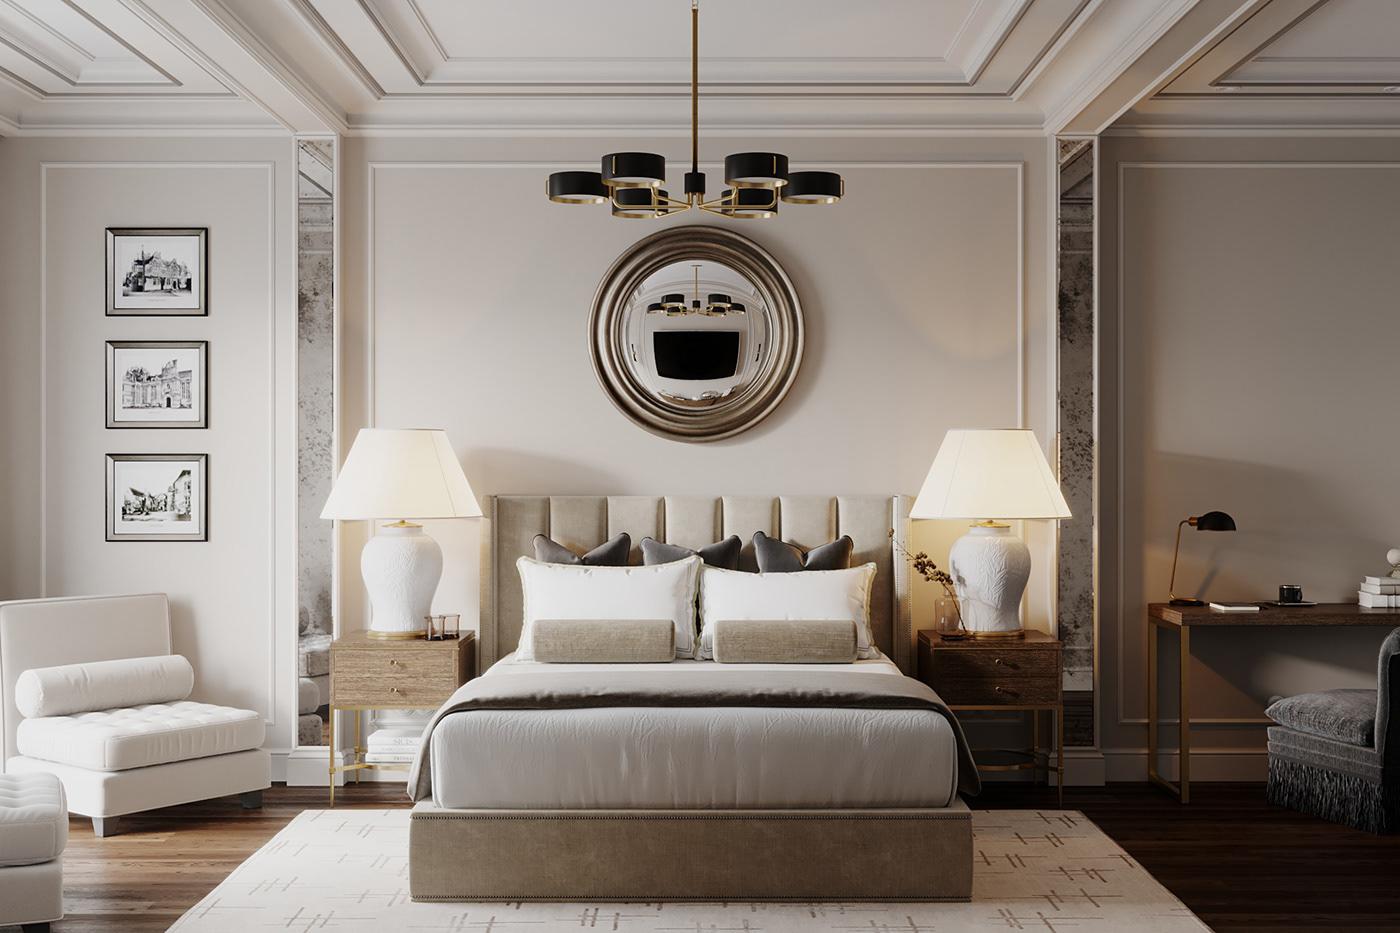 Mẫu thiết kế phòng ngủ chung cư diện tích rộng